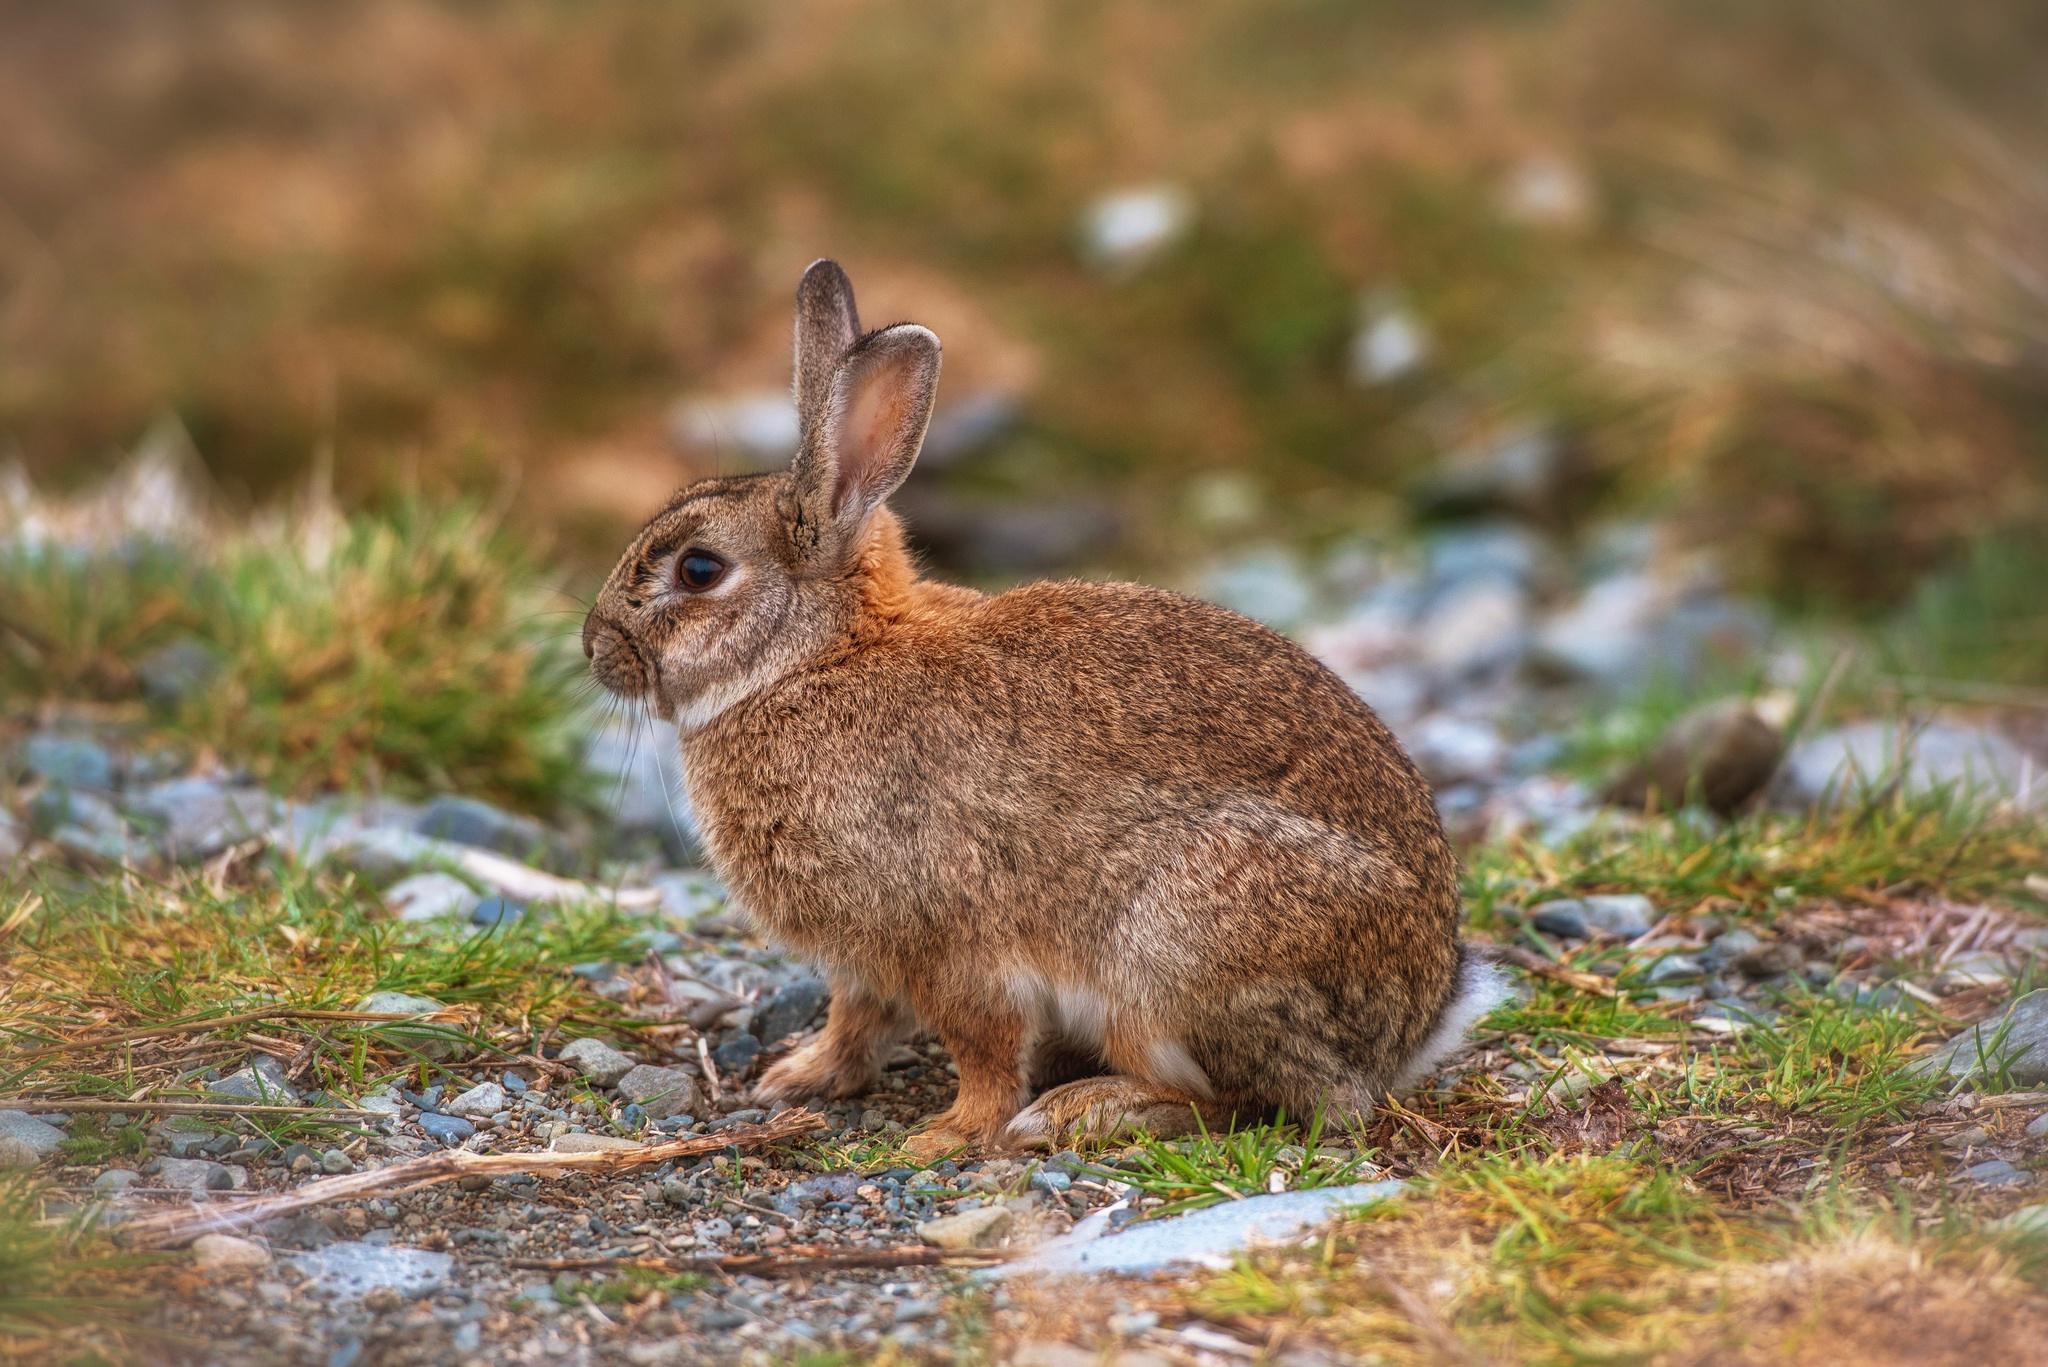 природа животные заяц nature animals hare  № 103252 без смс